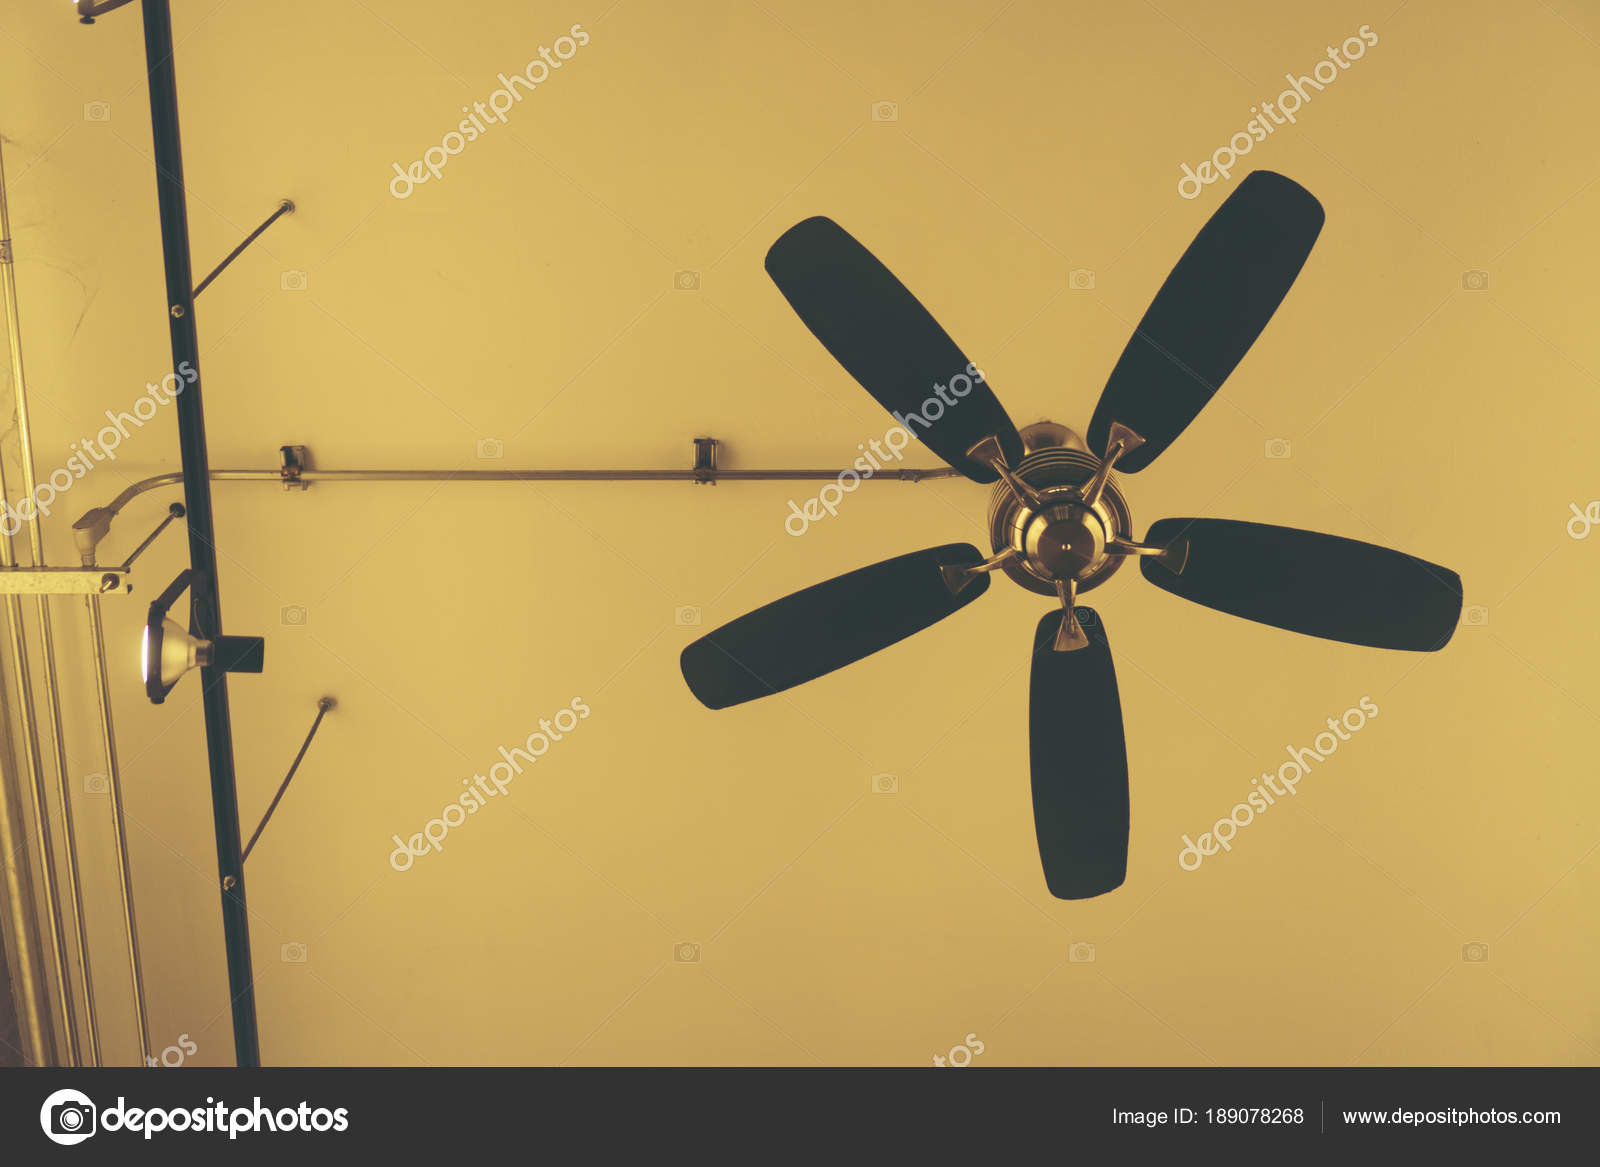 Ventilatore soffitto antico costruzione u2014 foto stock © chokniti